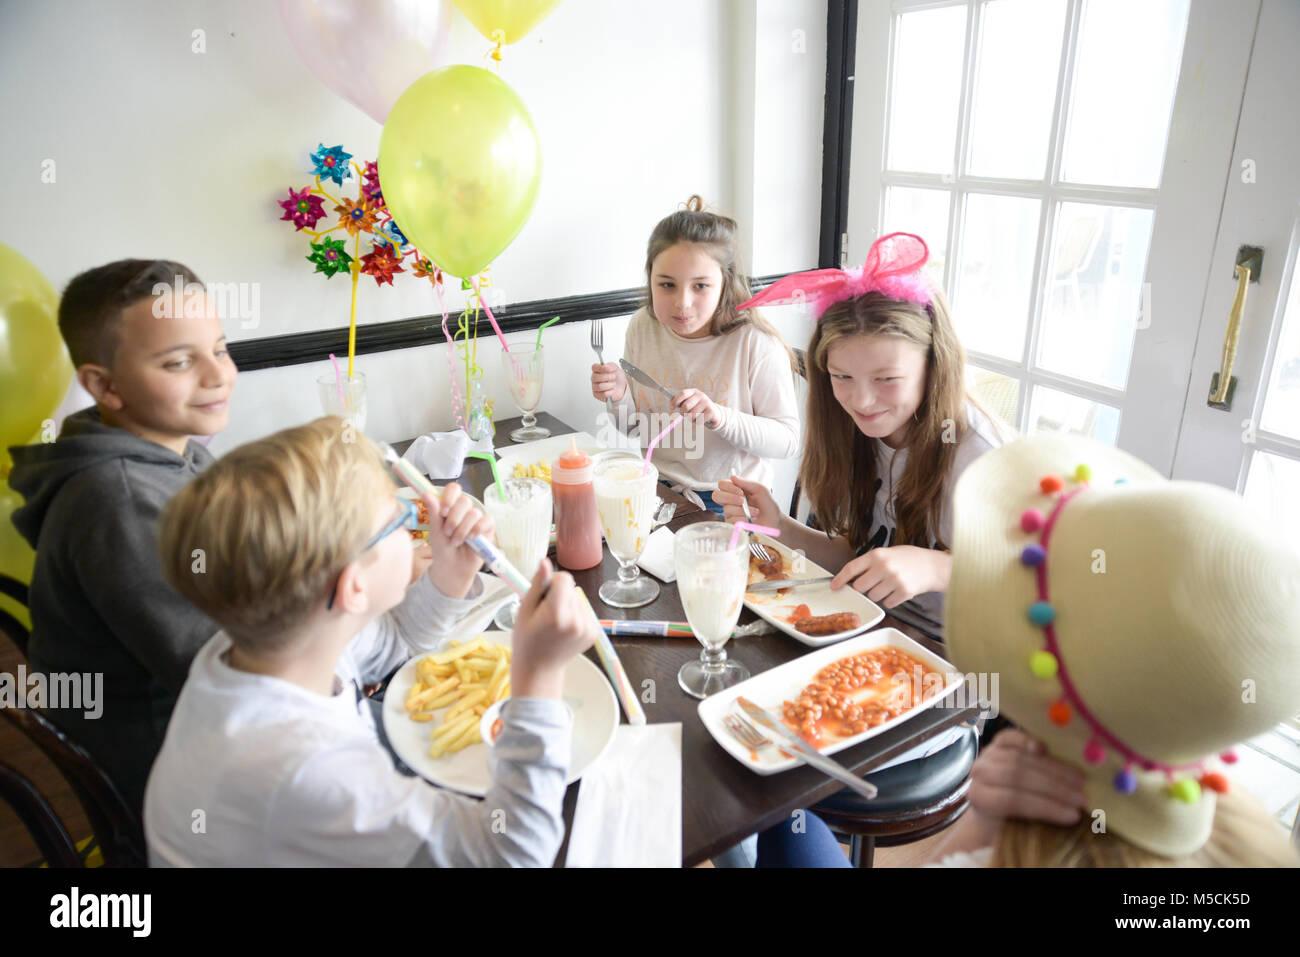 Cinque giovani i bambini sono seduti ad un tavolo di partito di mangiare alimenti fritti e bere frappè- ci Immagini Stock